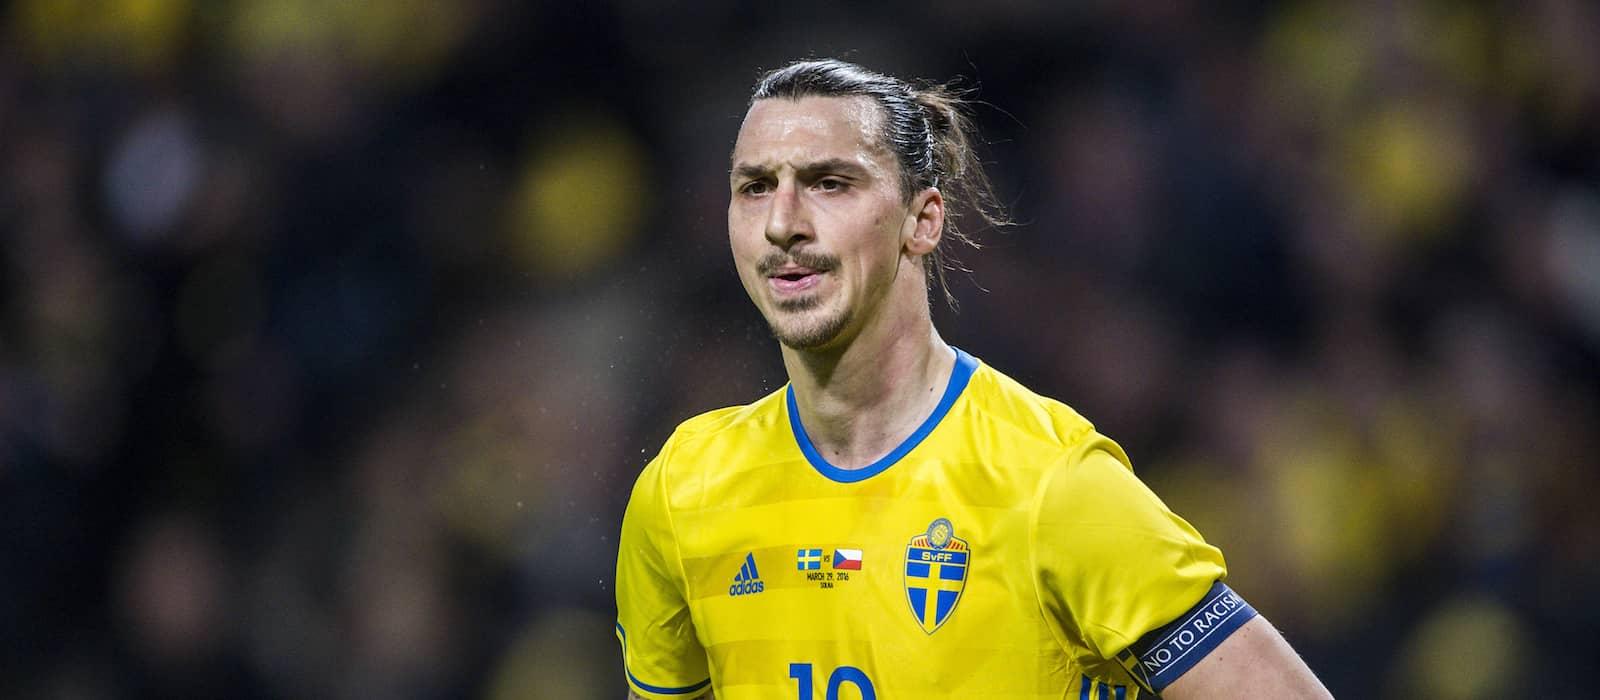 Лучшие футболисты мира 2018-2019